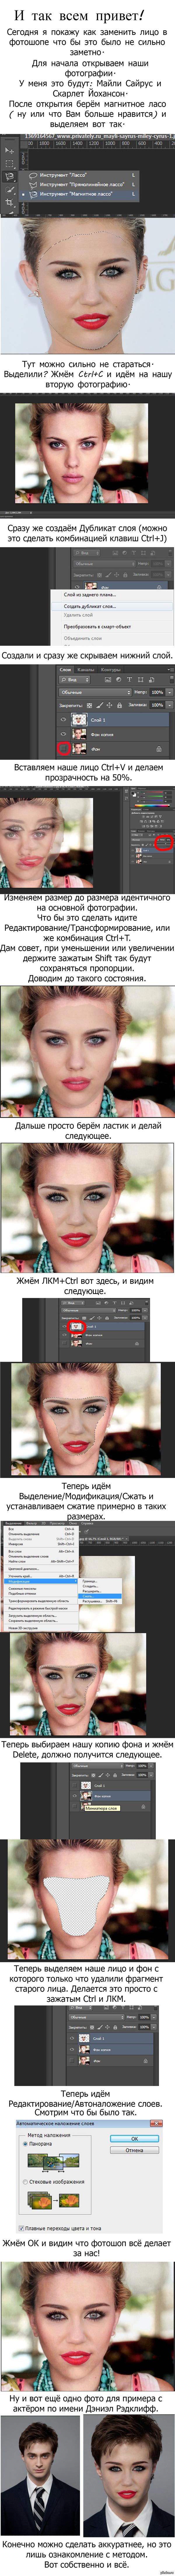 Как заменить лицо в фотошопе.